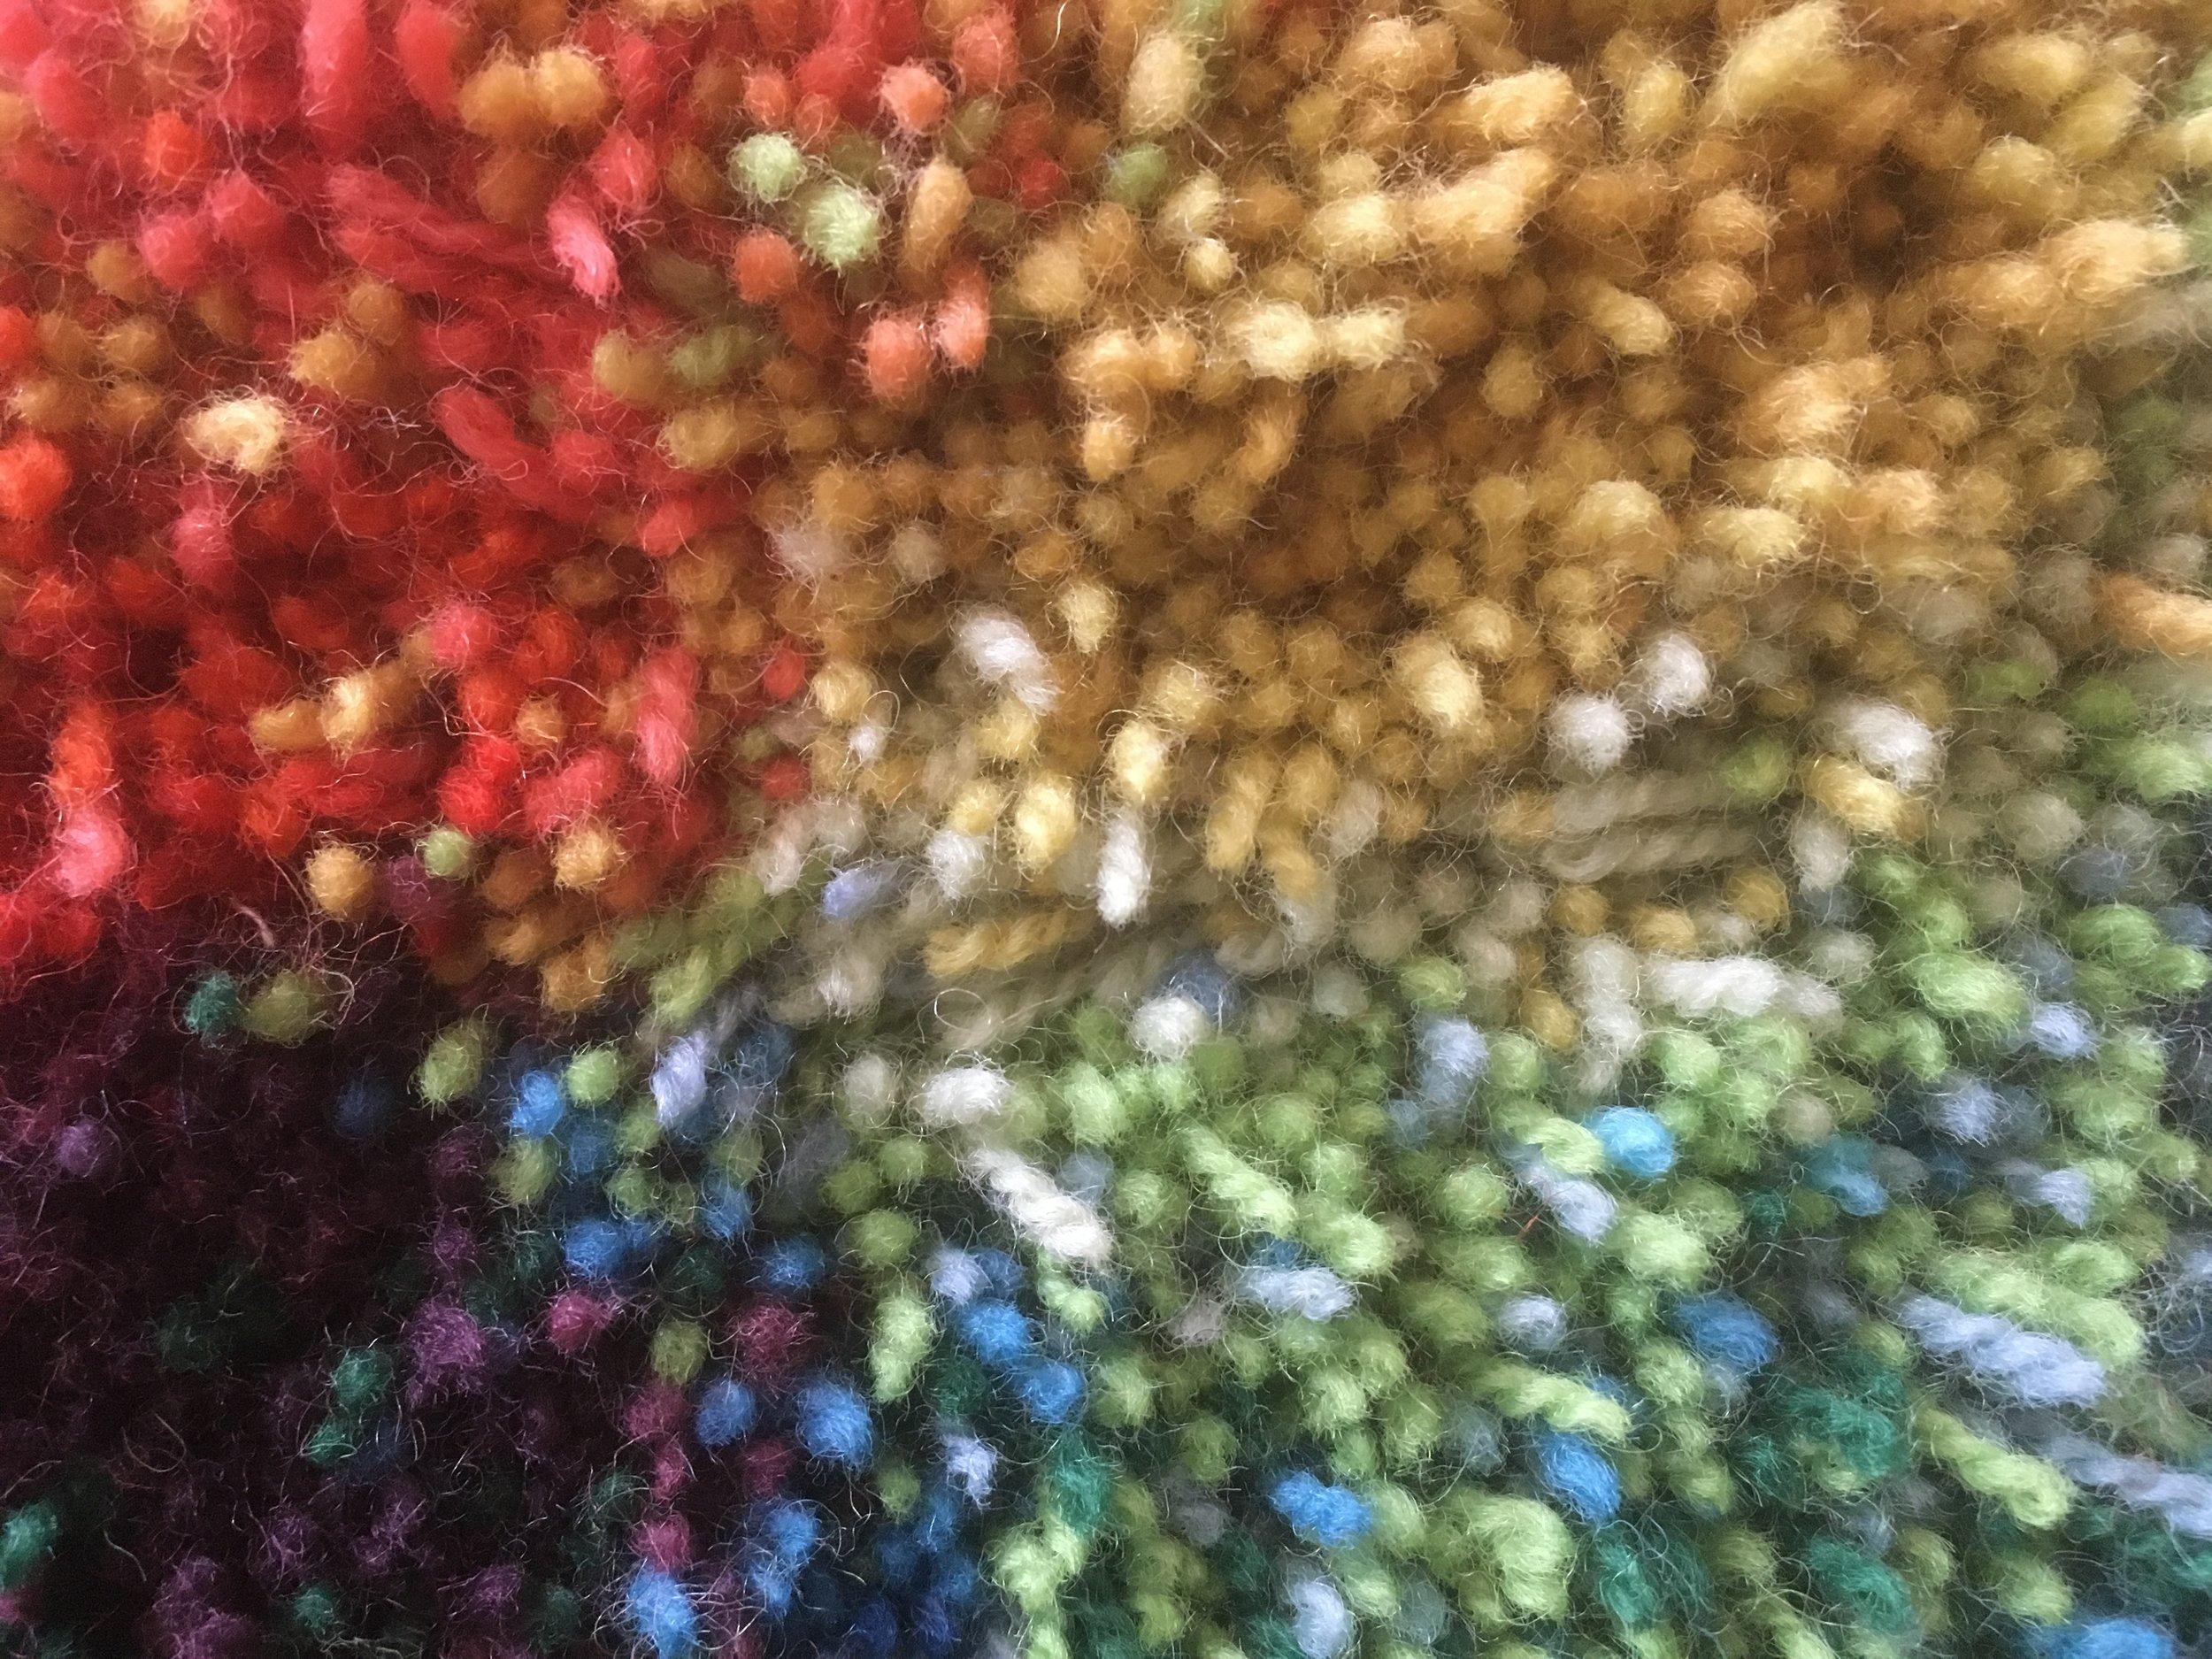 Lähikuva ryijystä / Closeup of Tufted Tapestry